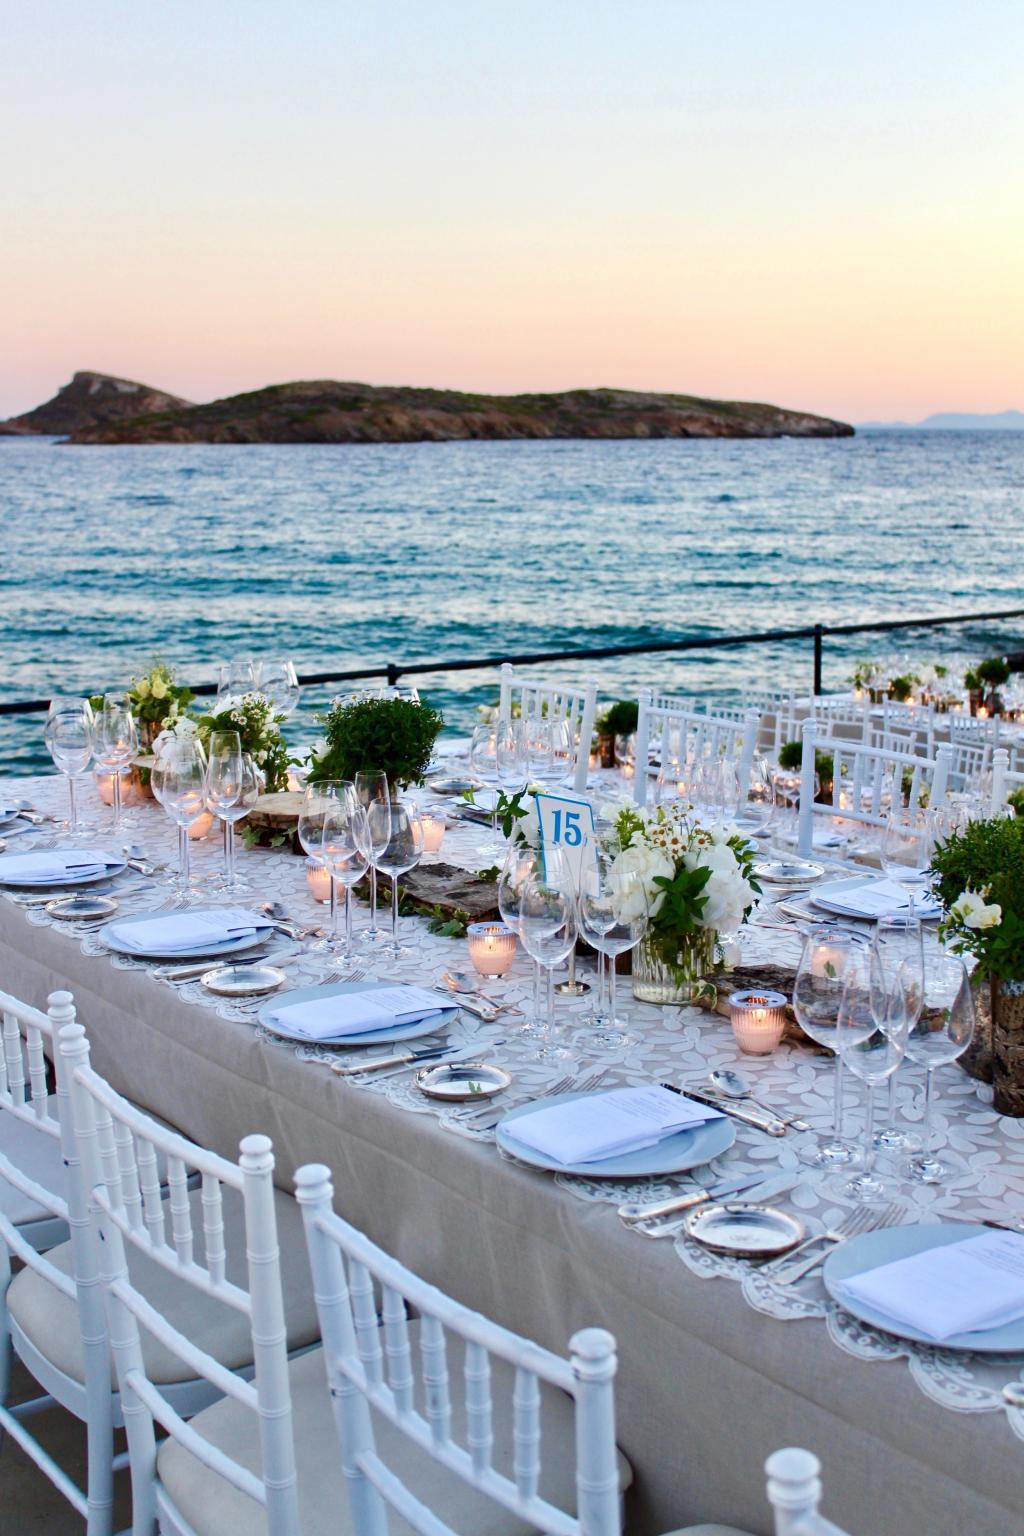 I&M Syros wedding - Image 1